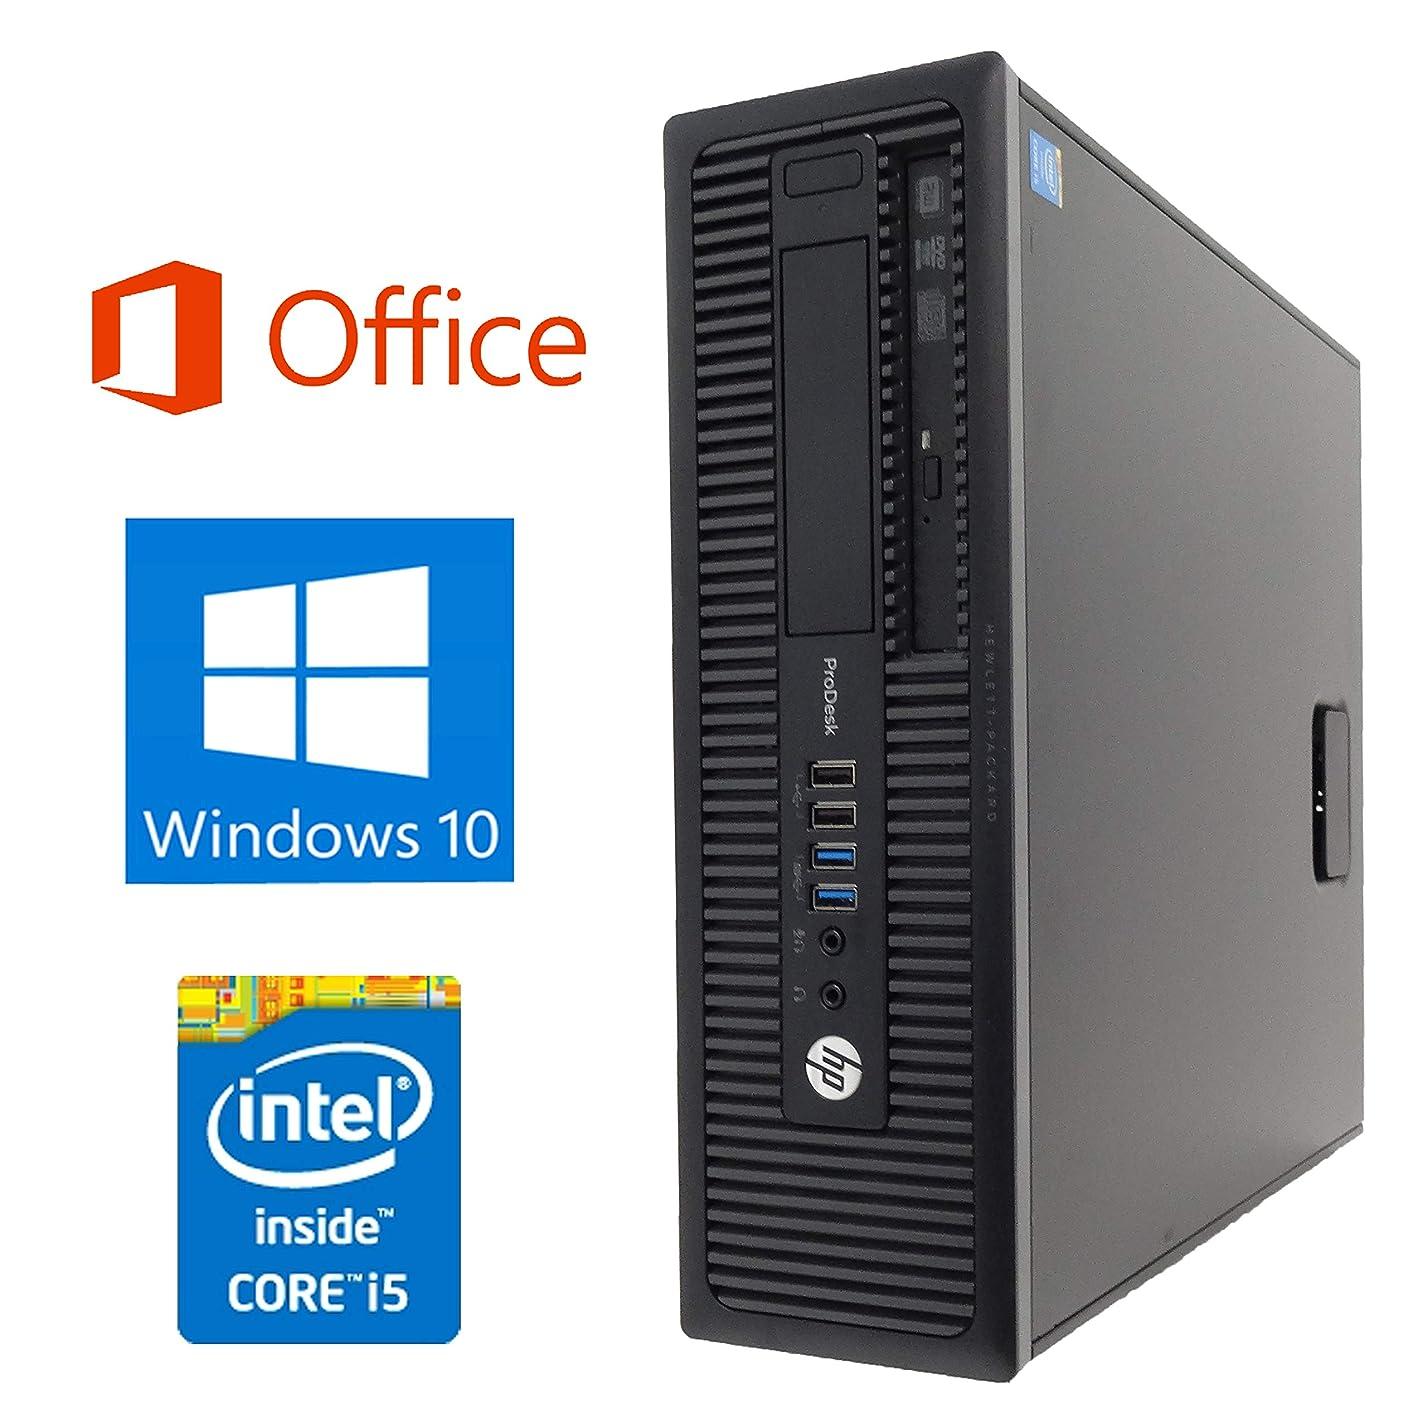 記憶味方ジュラシックパーク【Microsoft Office 2016搭載】【Win 10搭載】HP 600G1/第四世代Core i5-4570 3.2GHz/新品メモリ:8GB/新品SSD:240GB/DVDスーパーマルチ/USB 3.0/無線機能搭載/ほぼ新品/中古デスクトップパソコン (SSD:240GB)